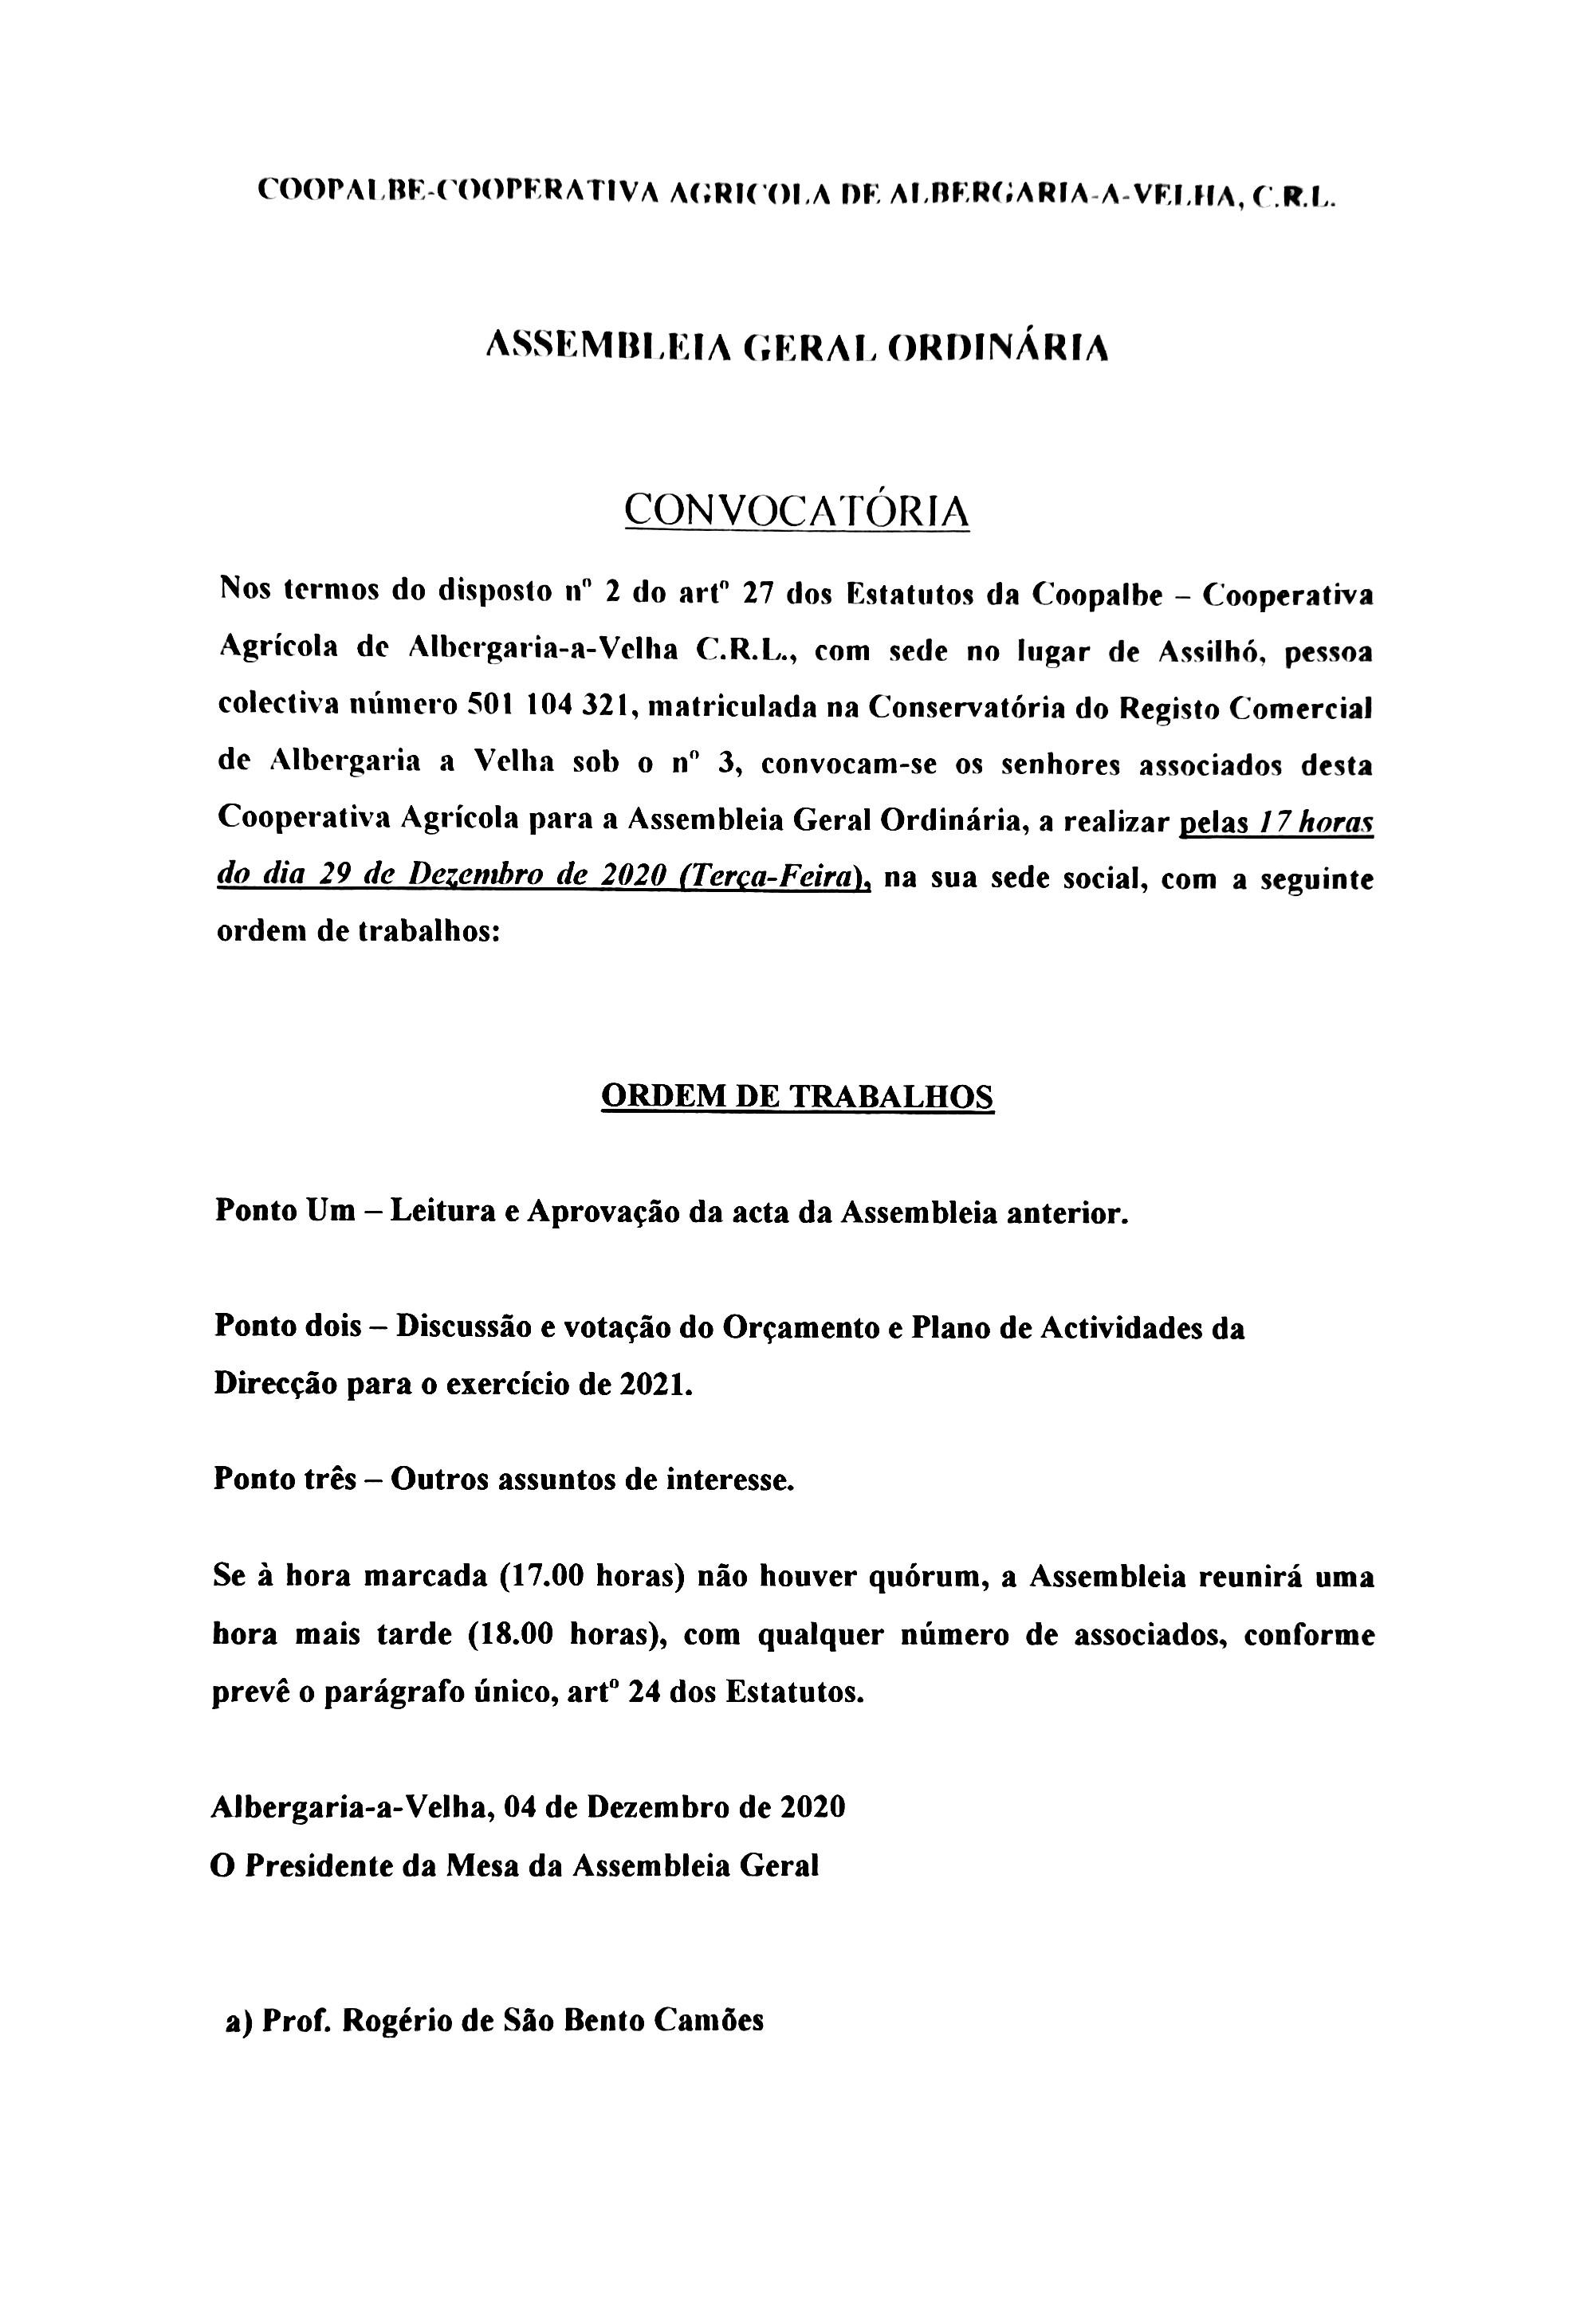 Convocatória COOPALBE – Cooperativa Agrícola de Albergaria-a-Velha, C.R.L.